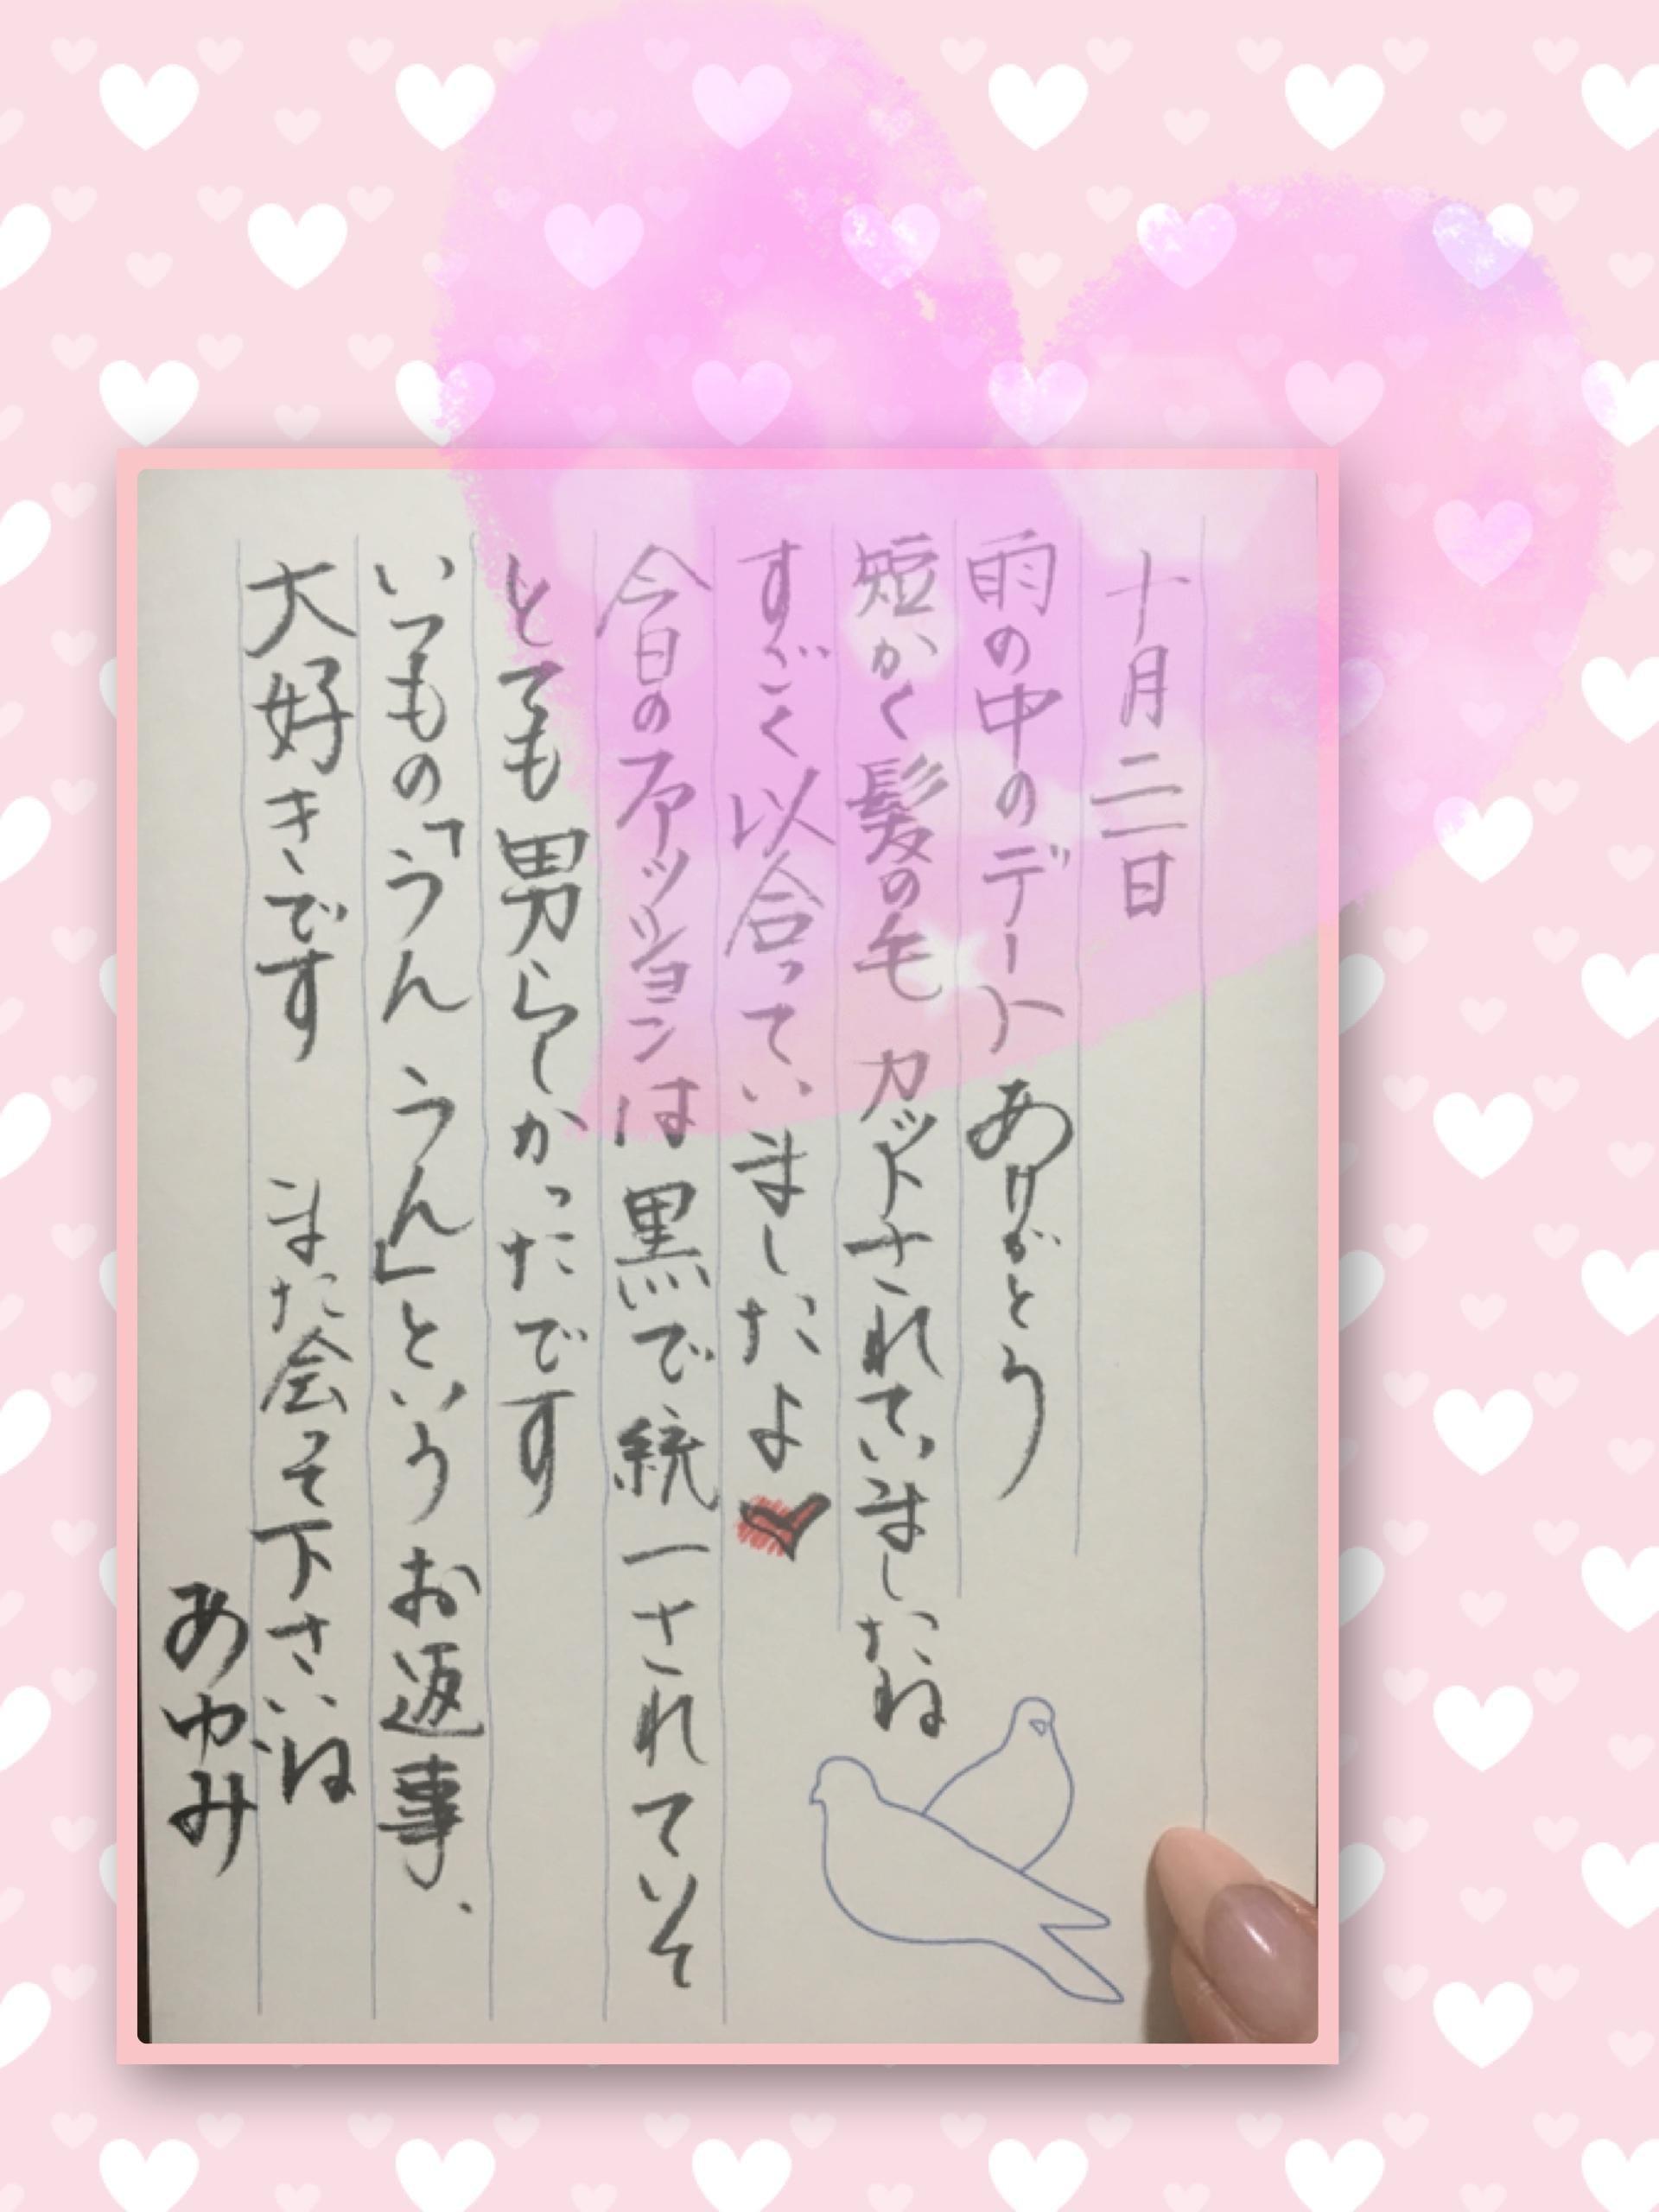 あゆみ「おやすみなさい」10/22(日) 01:28   あゆみの写メ・風俗動画